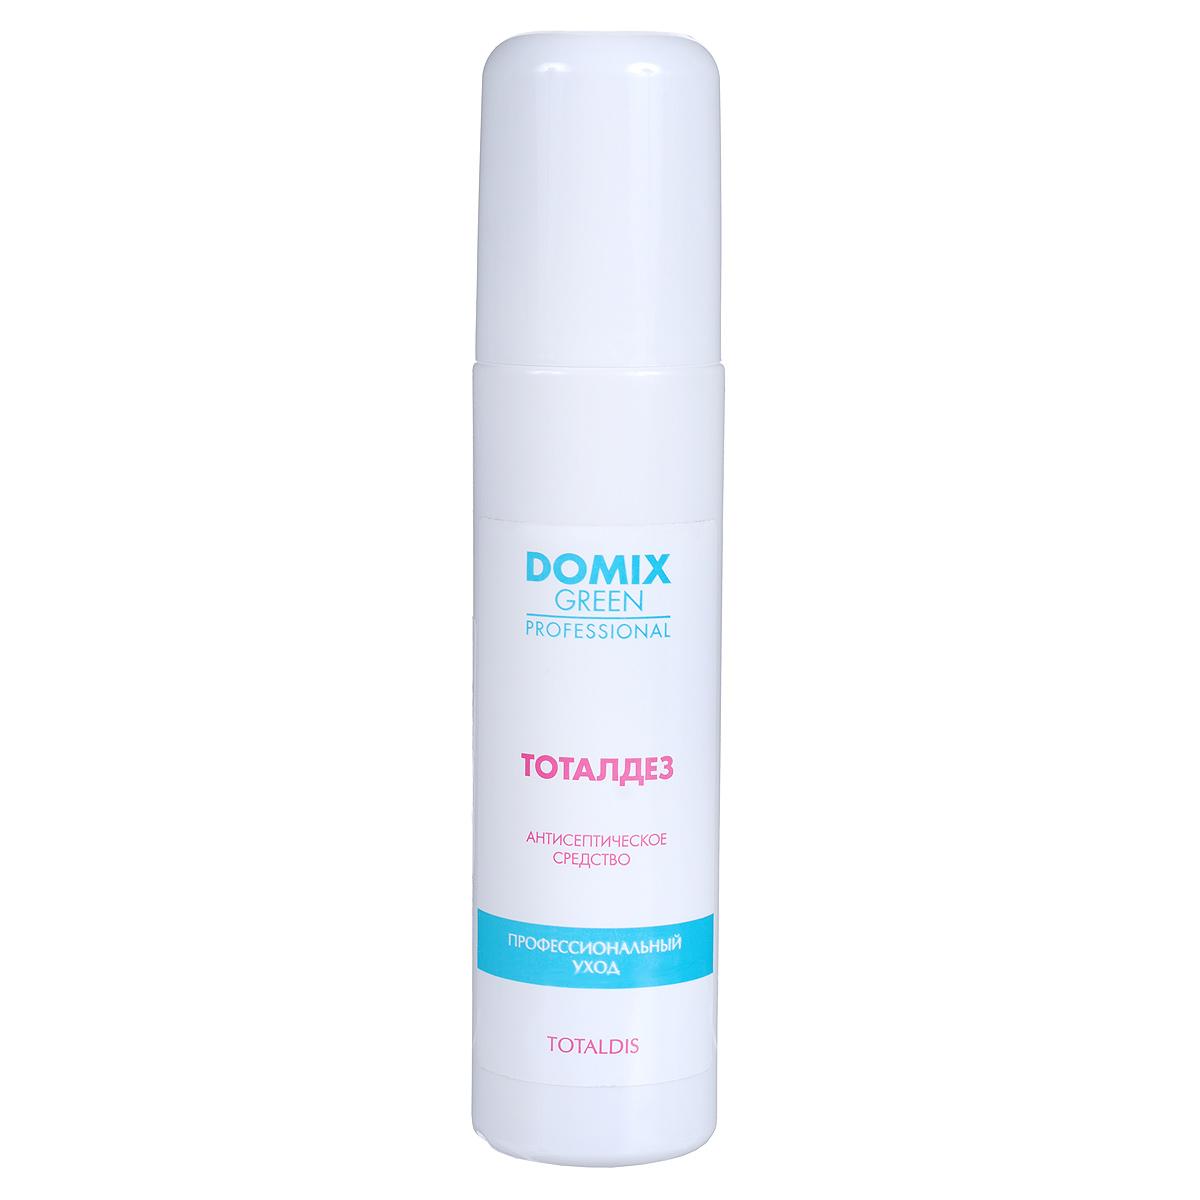 Domix Green Professional Антисептическое средство Totaldis для обработки рук и ступней ног, 150 мл